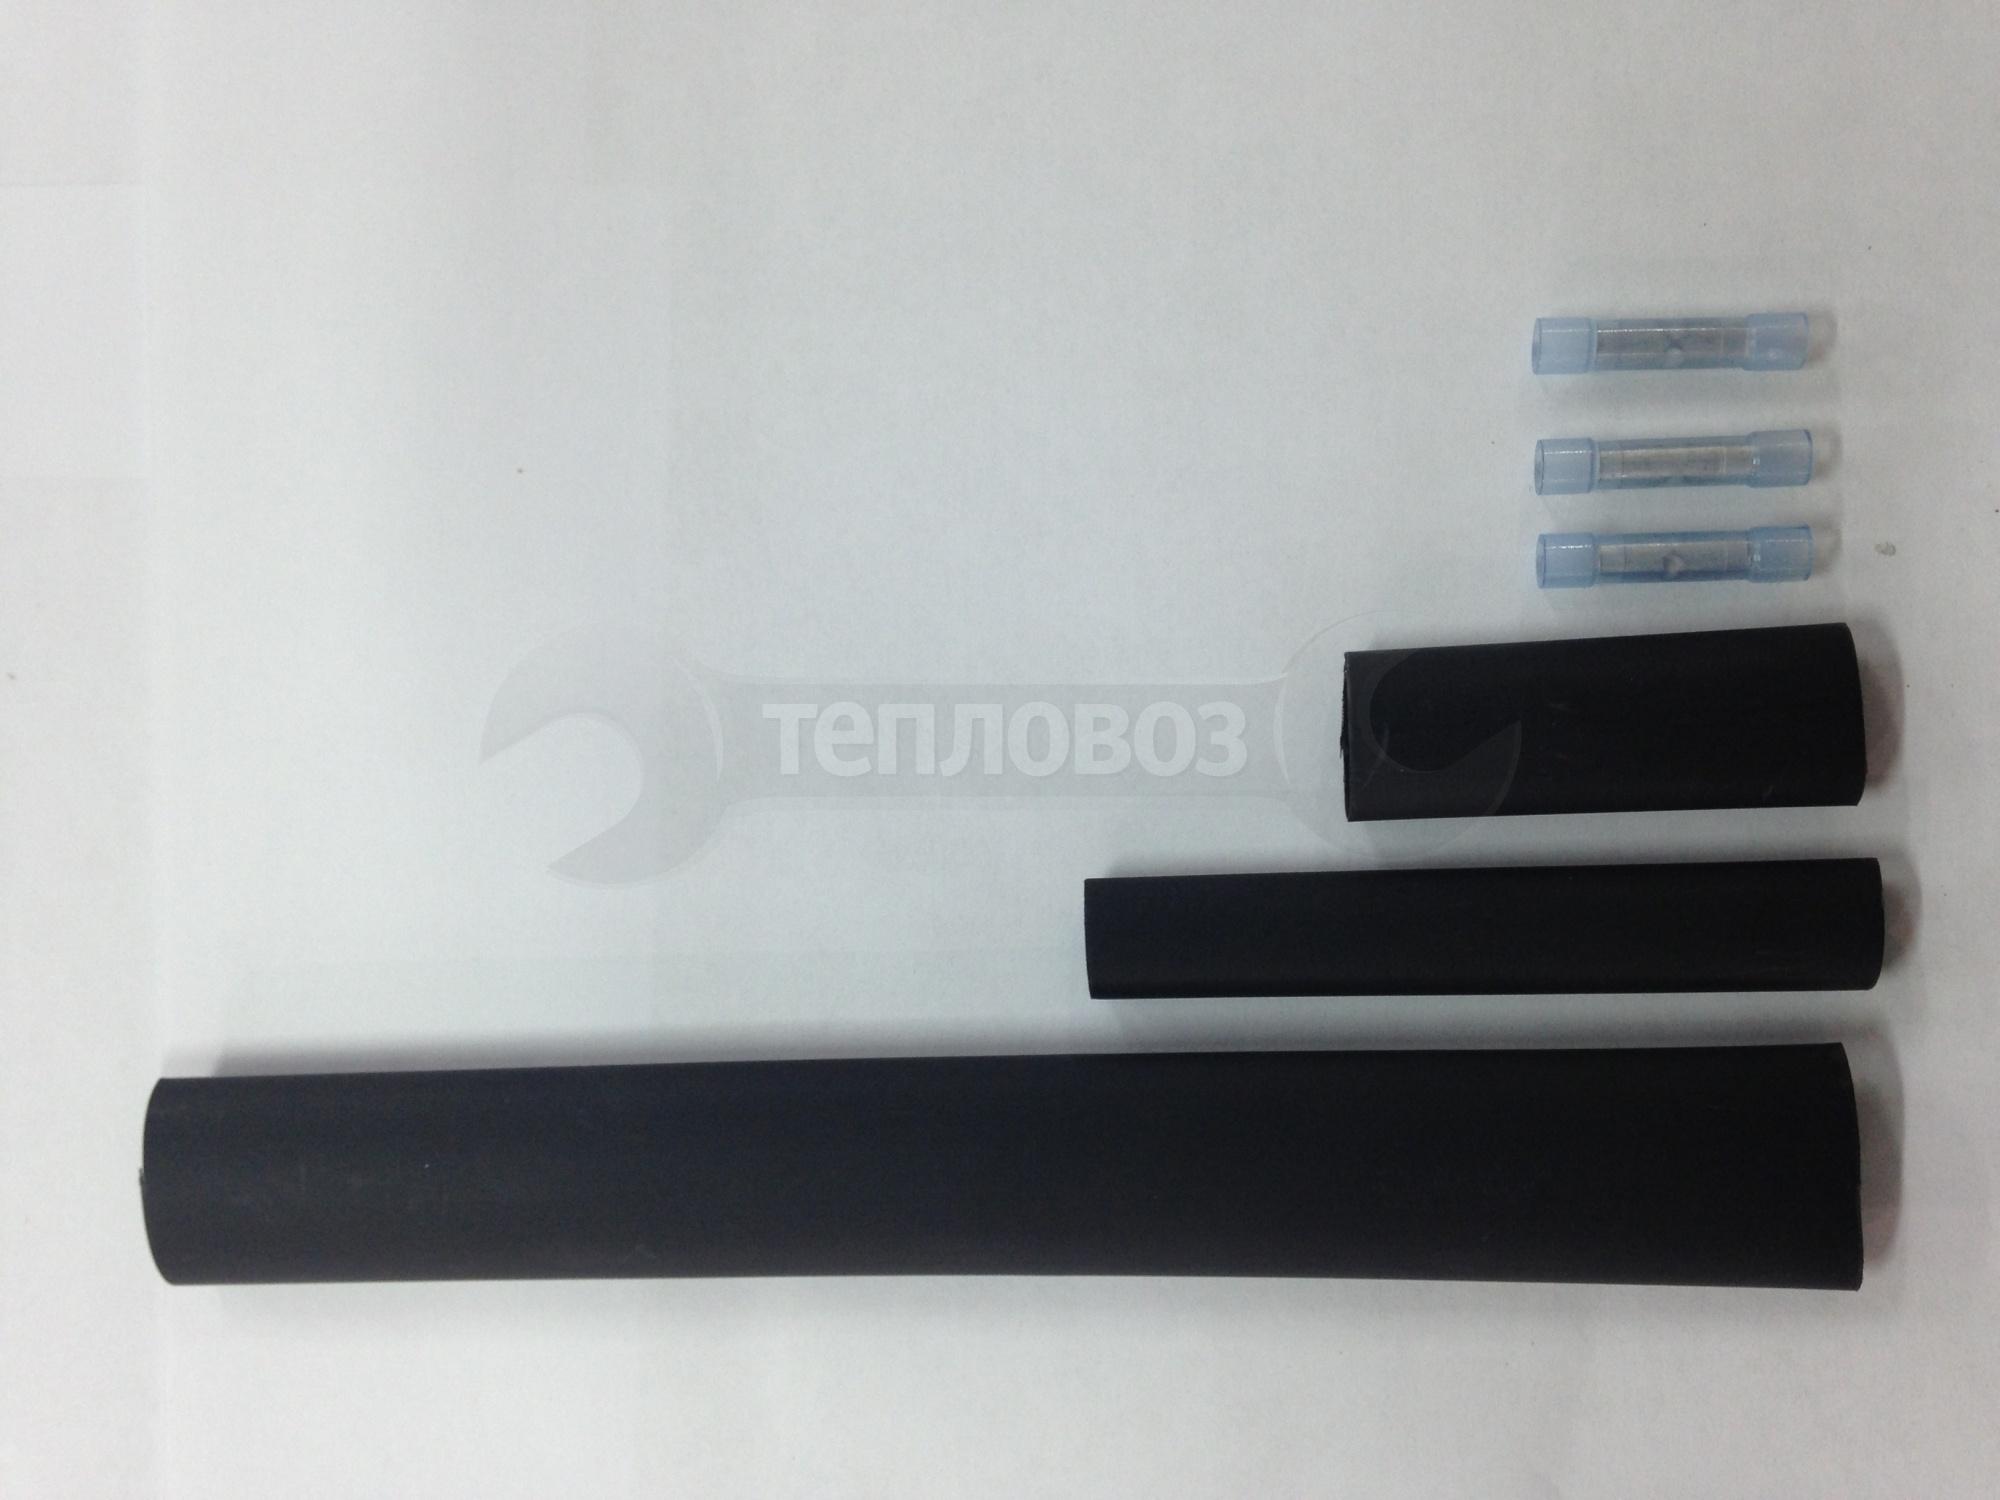 Комплект для заделки саморегулируемого нагревательного кабеля